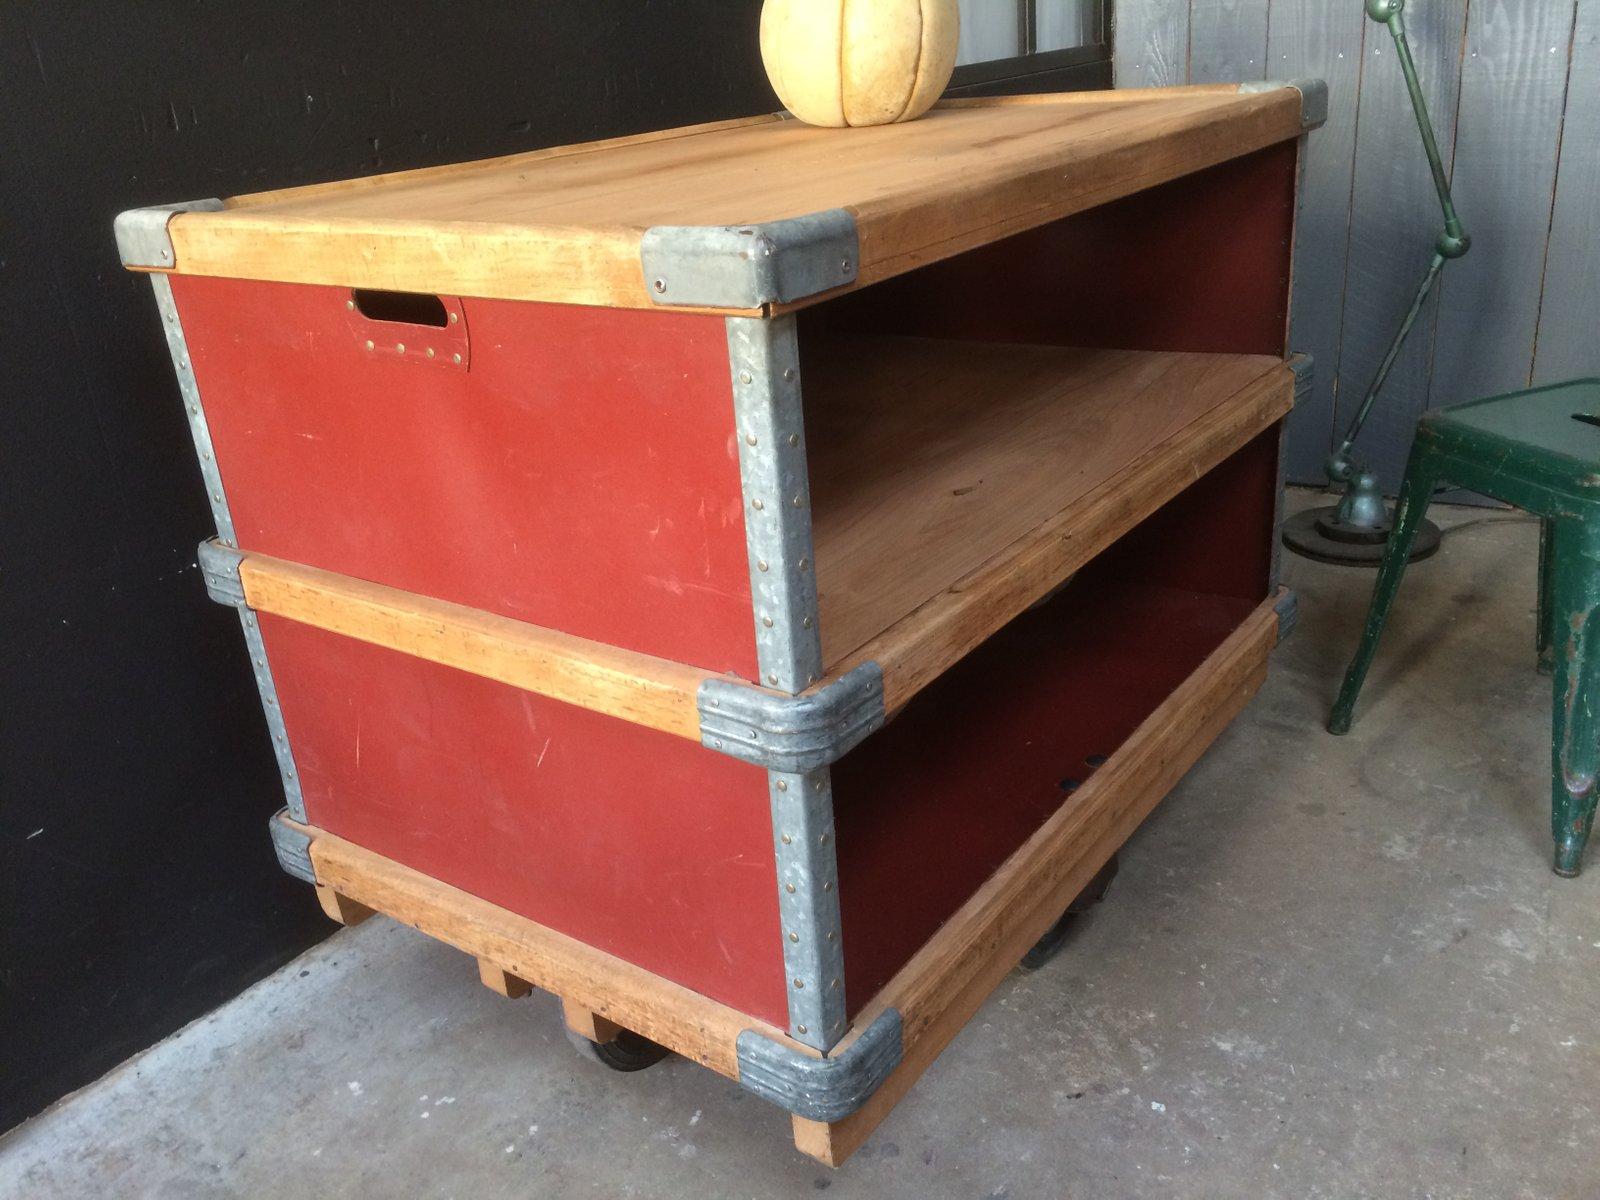 industrieller vintage beistelltisch auf rollen von suroy bei pamono kaufen. Black Bedroom Furniture Sets. Home Design Ideas